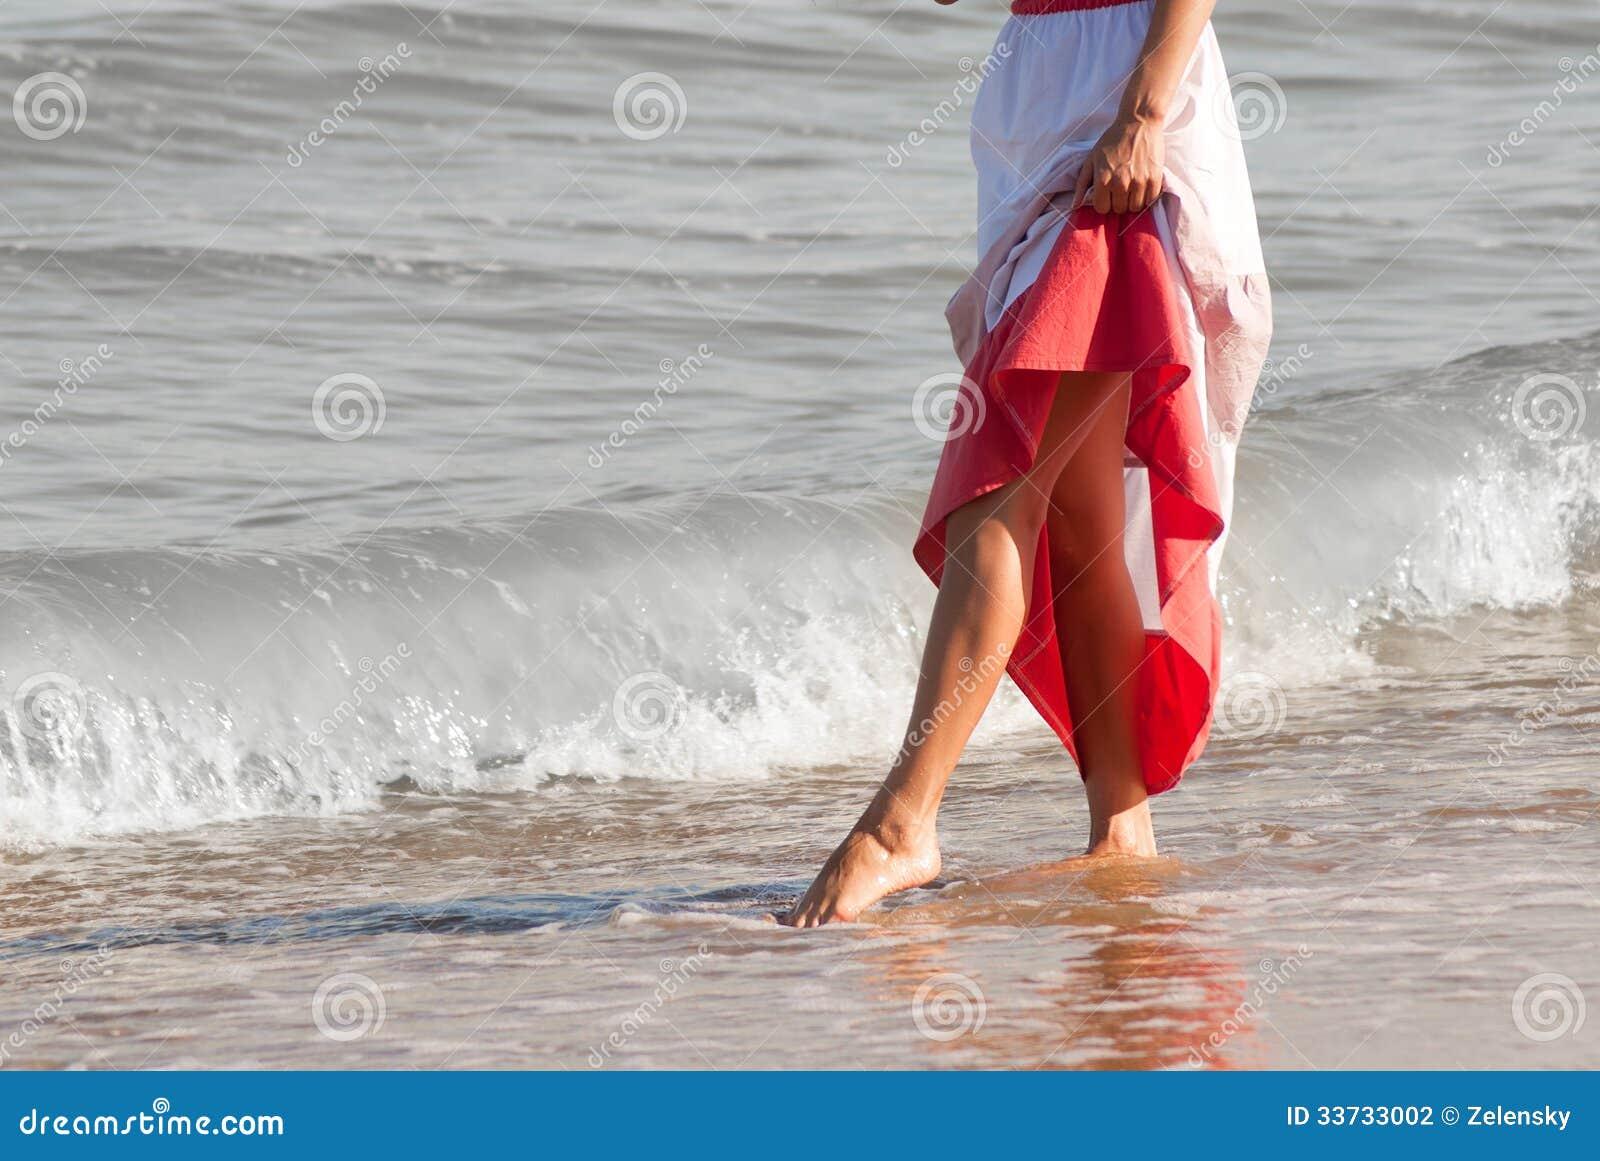 Alleen vrouw die op het strand lopen